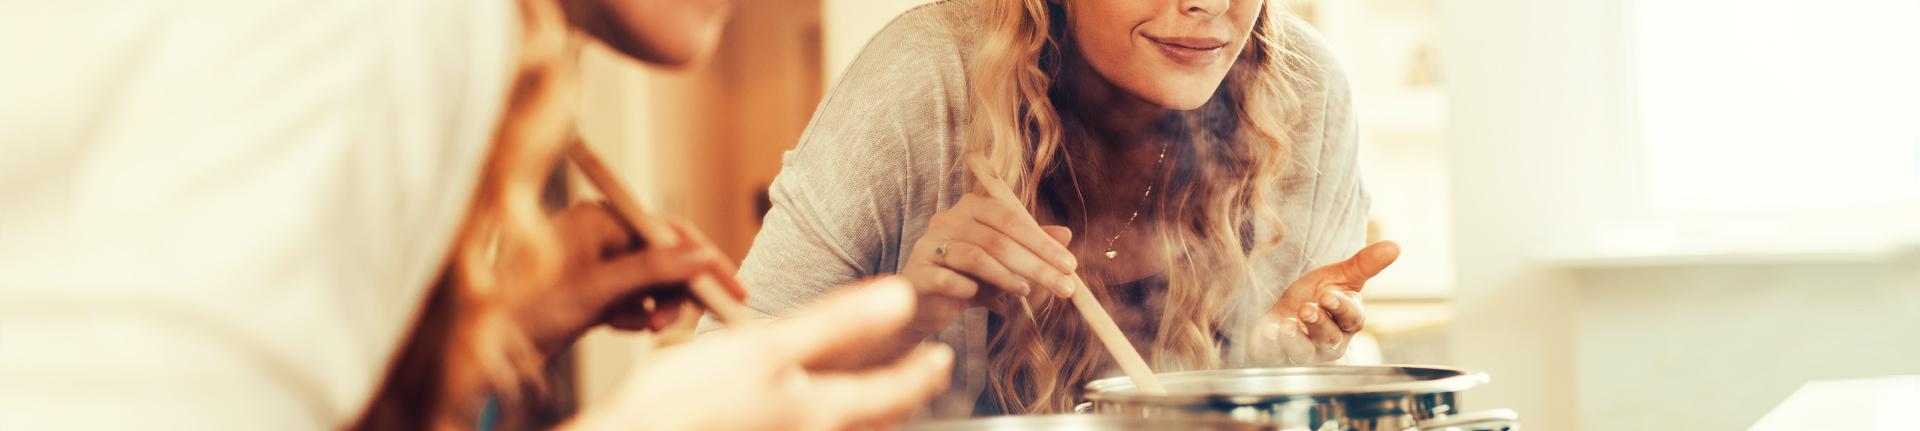 Dicas de culinária: O Amor e as Panelas